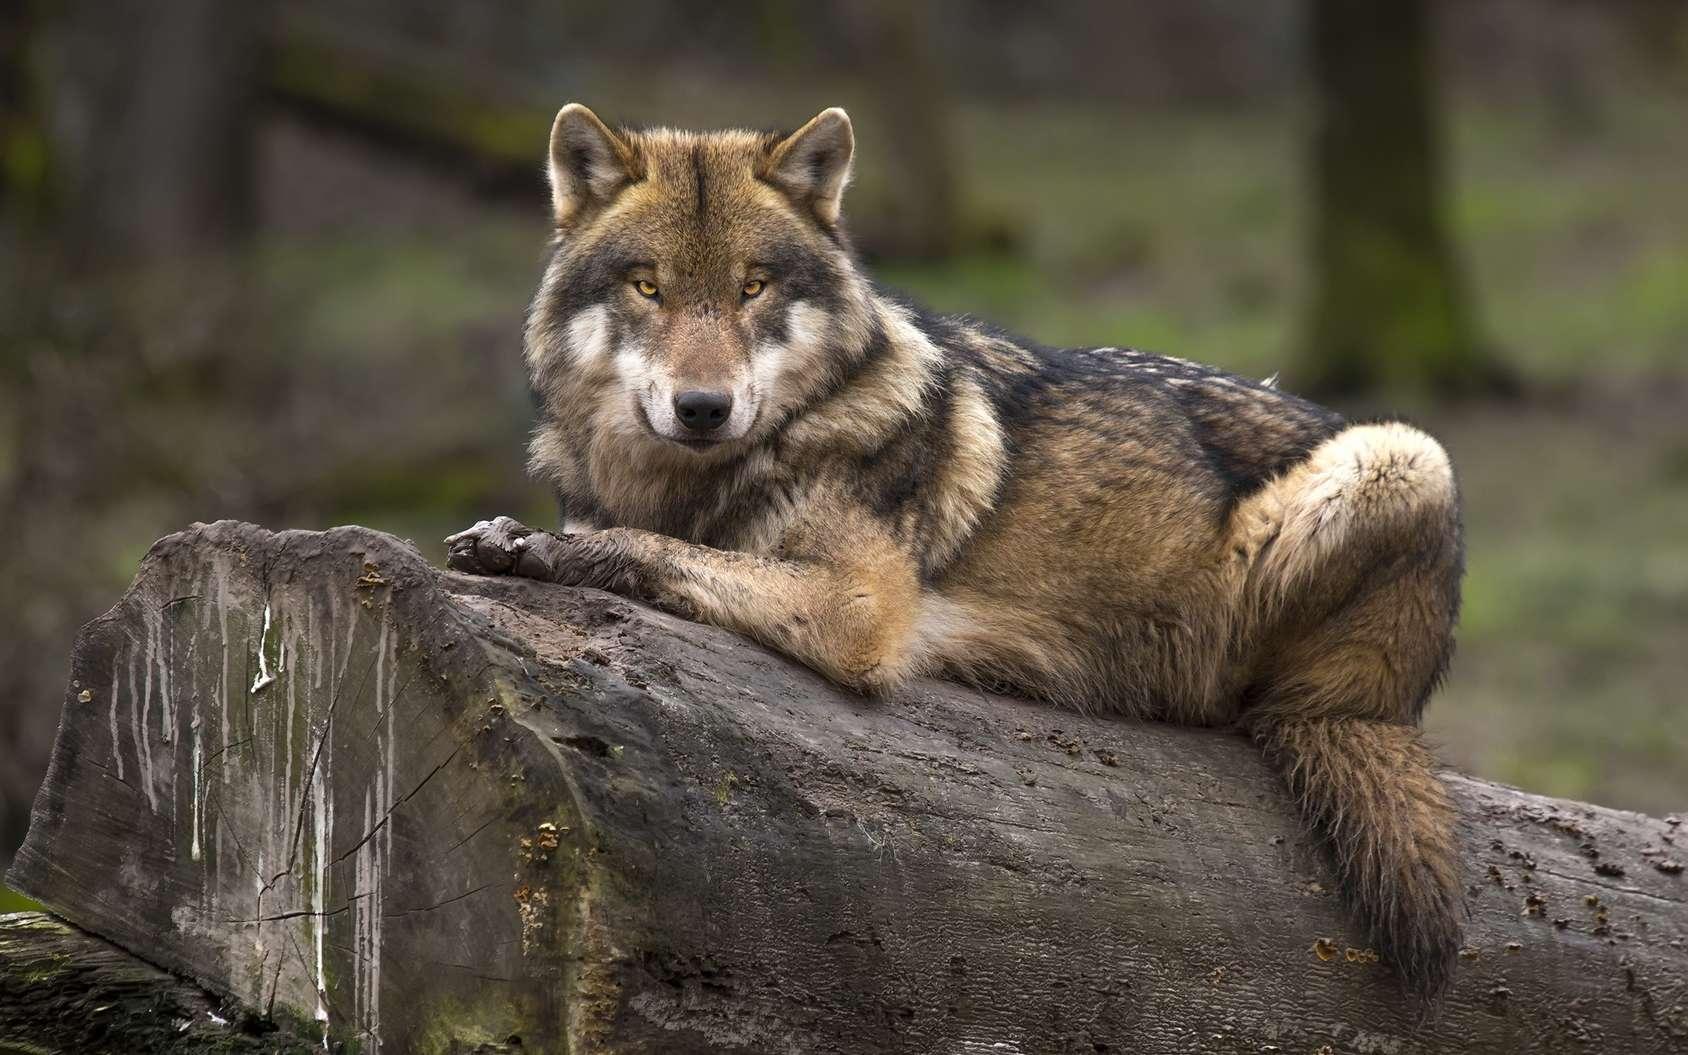 Si le loup vit de plus en plus en mangeant du bétail et des déchets alimentaires, sera-t-il finalement domestiqué par l'Homme ? © Patrick J., Fotolia